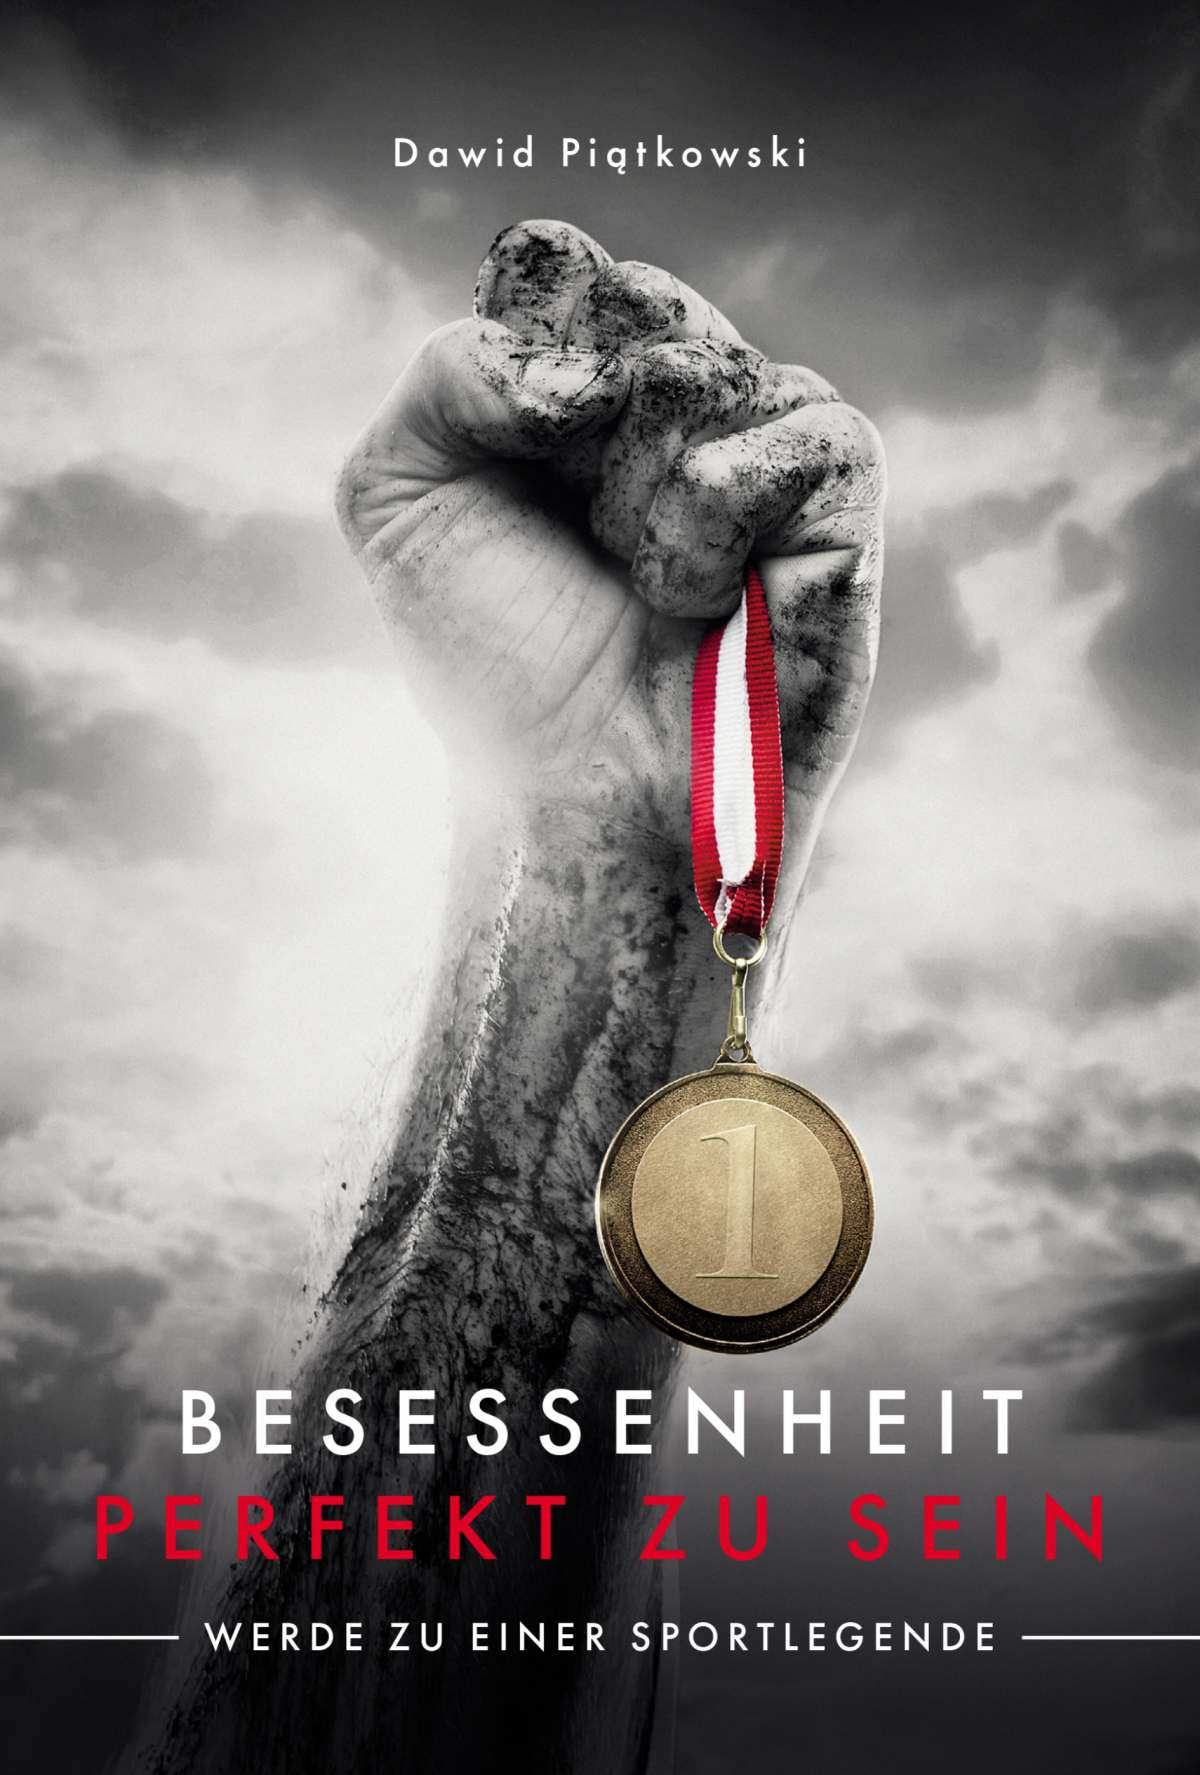 Besessenheit perfekt zu sein - Ebook (Książka EPUB) do pobrania w formacie EPUB